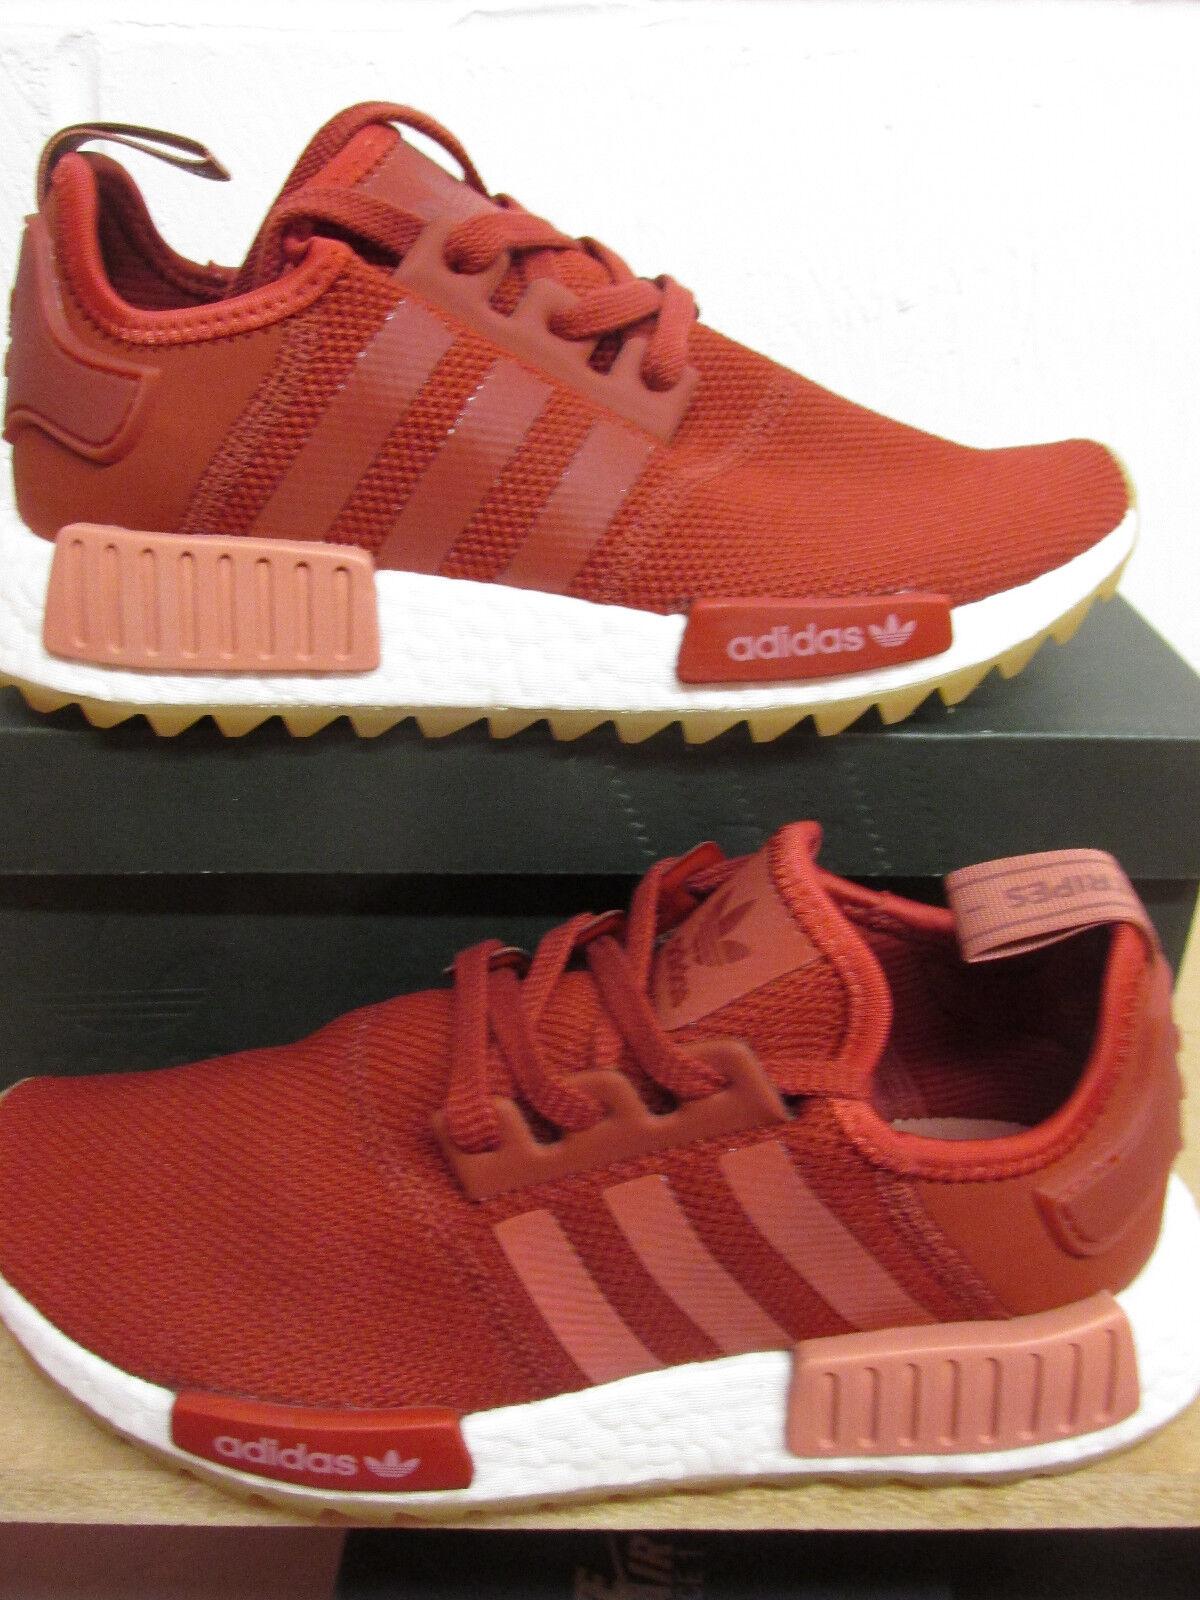 Adidas originali scarpe nmd _r1 tracce w unisex s81047 scarpe originali da ginnastica corsa 05cab1